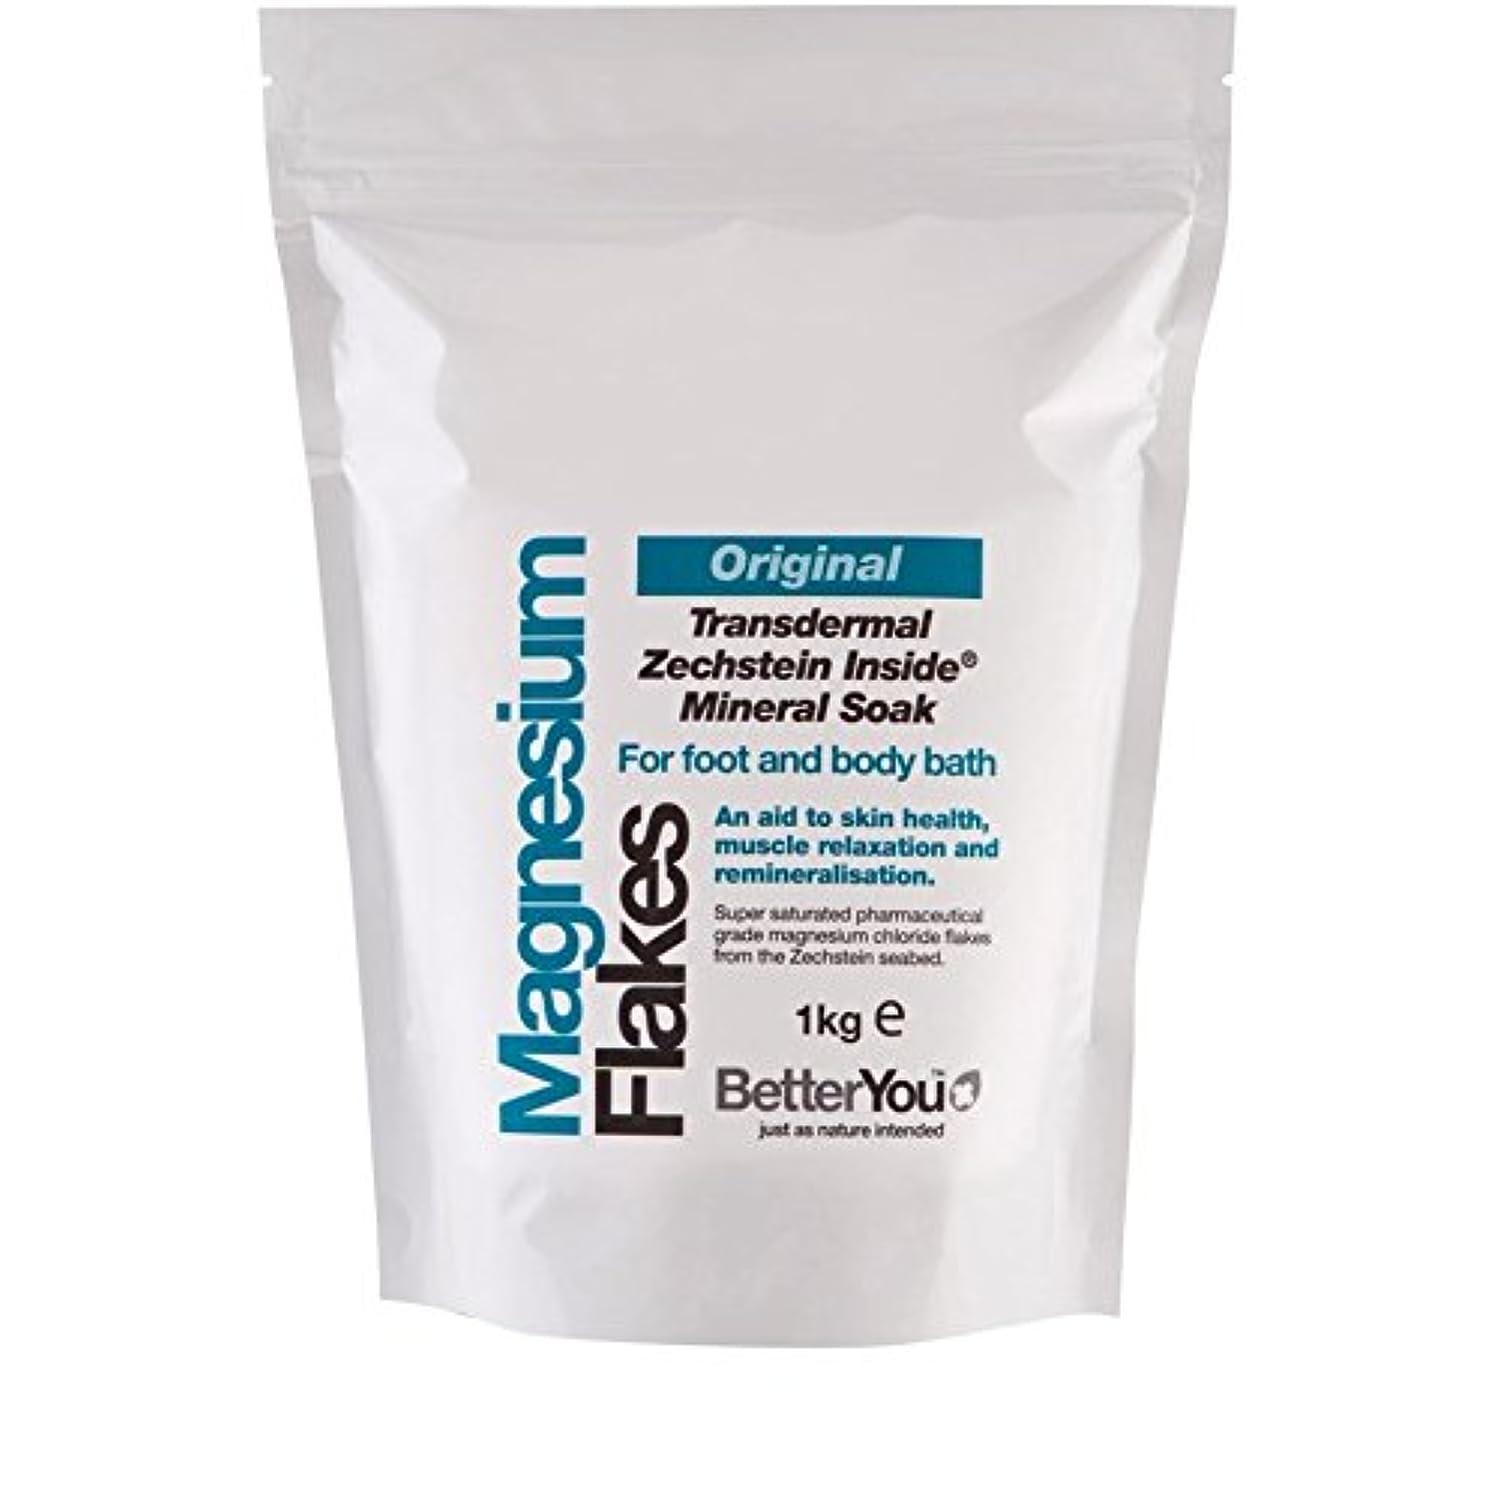 。容器ケーキより良いあなたマグネシウムフレーク元1キロ x4 - Better you Magnesium Flakes Original 1kg (Pack of 4) [並行輸入品]